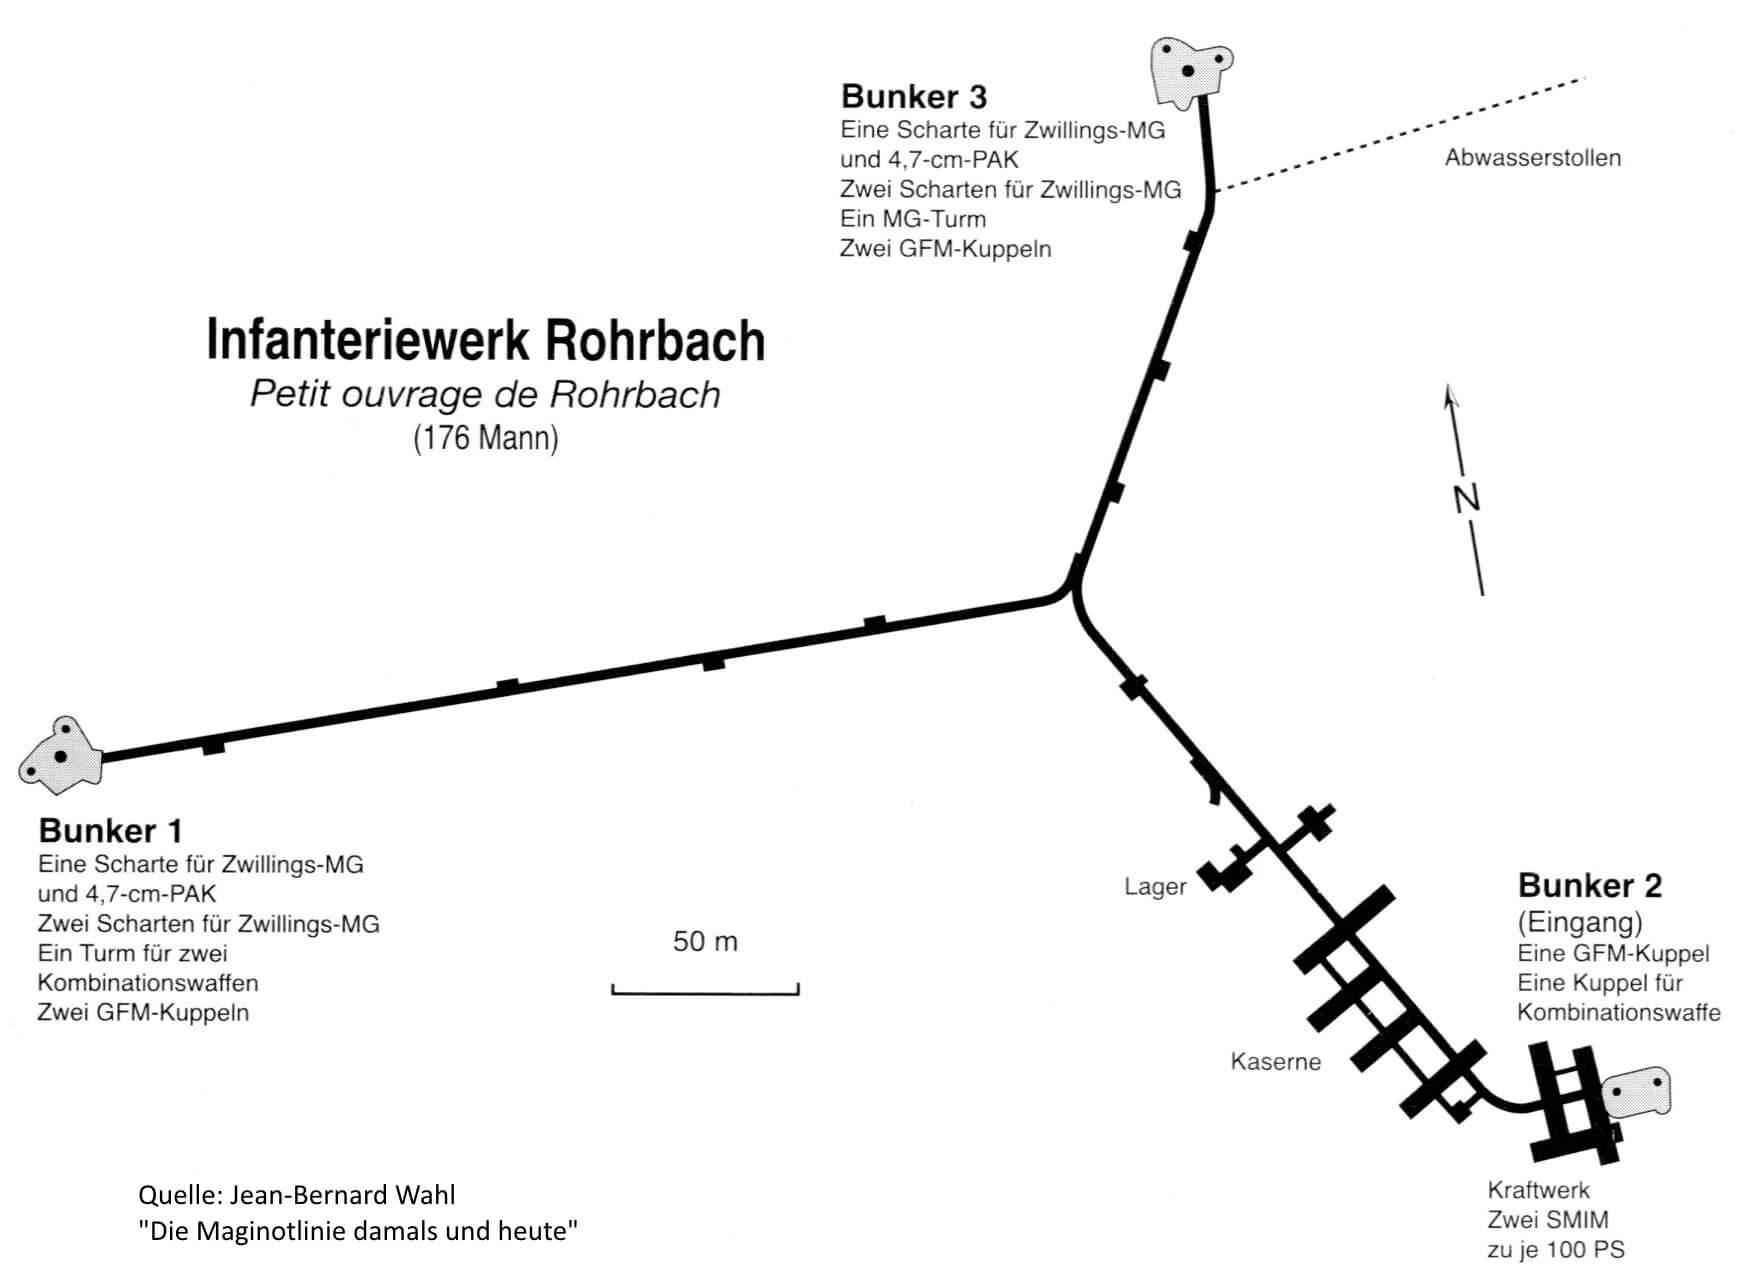 PO Rohrbach